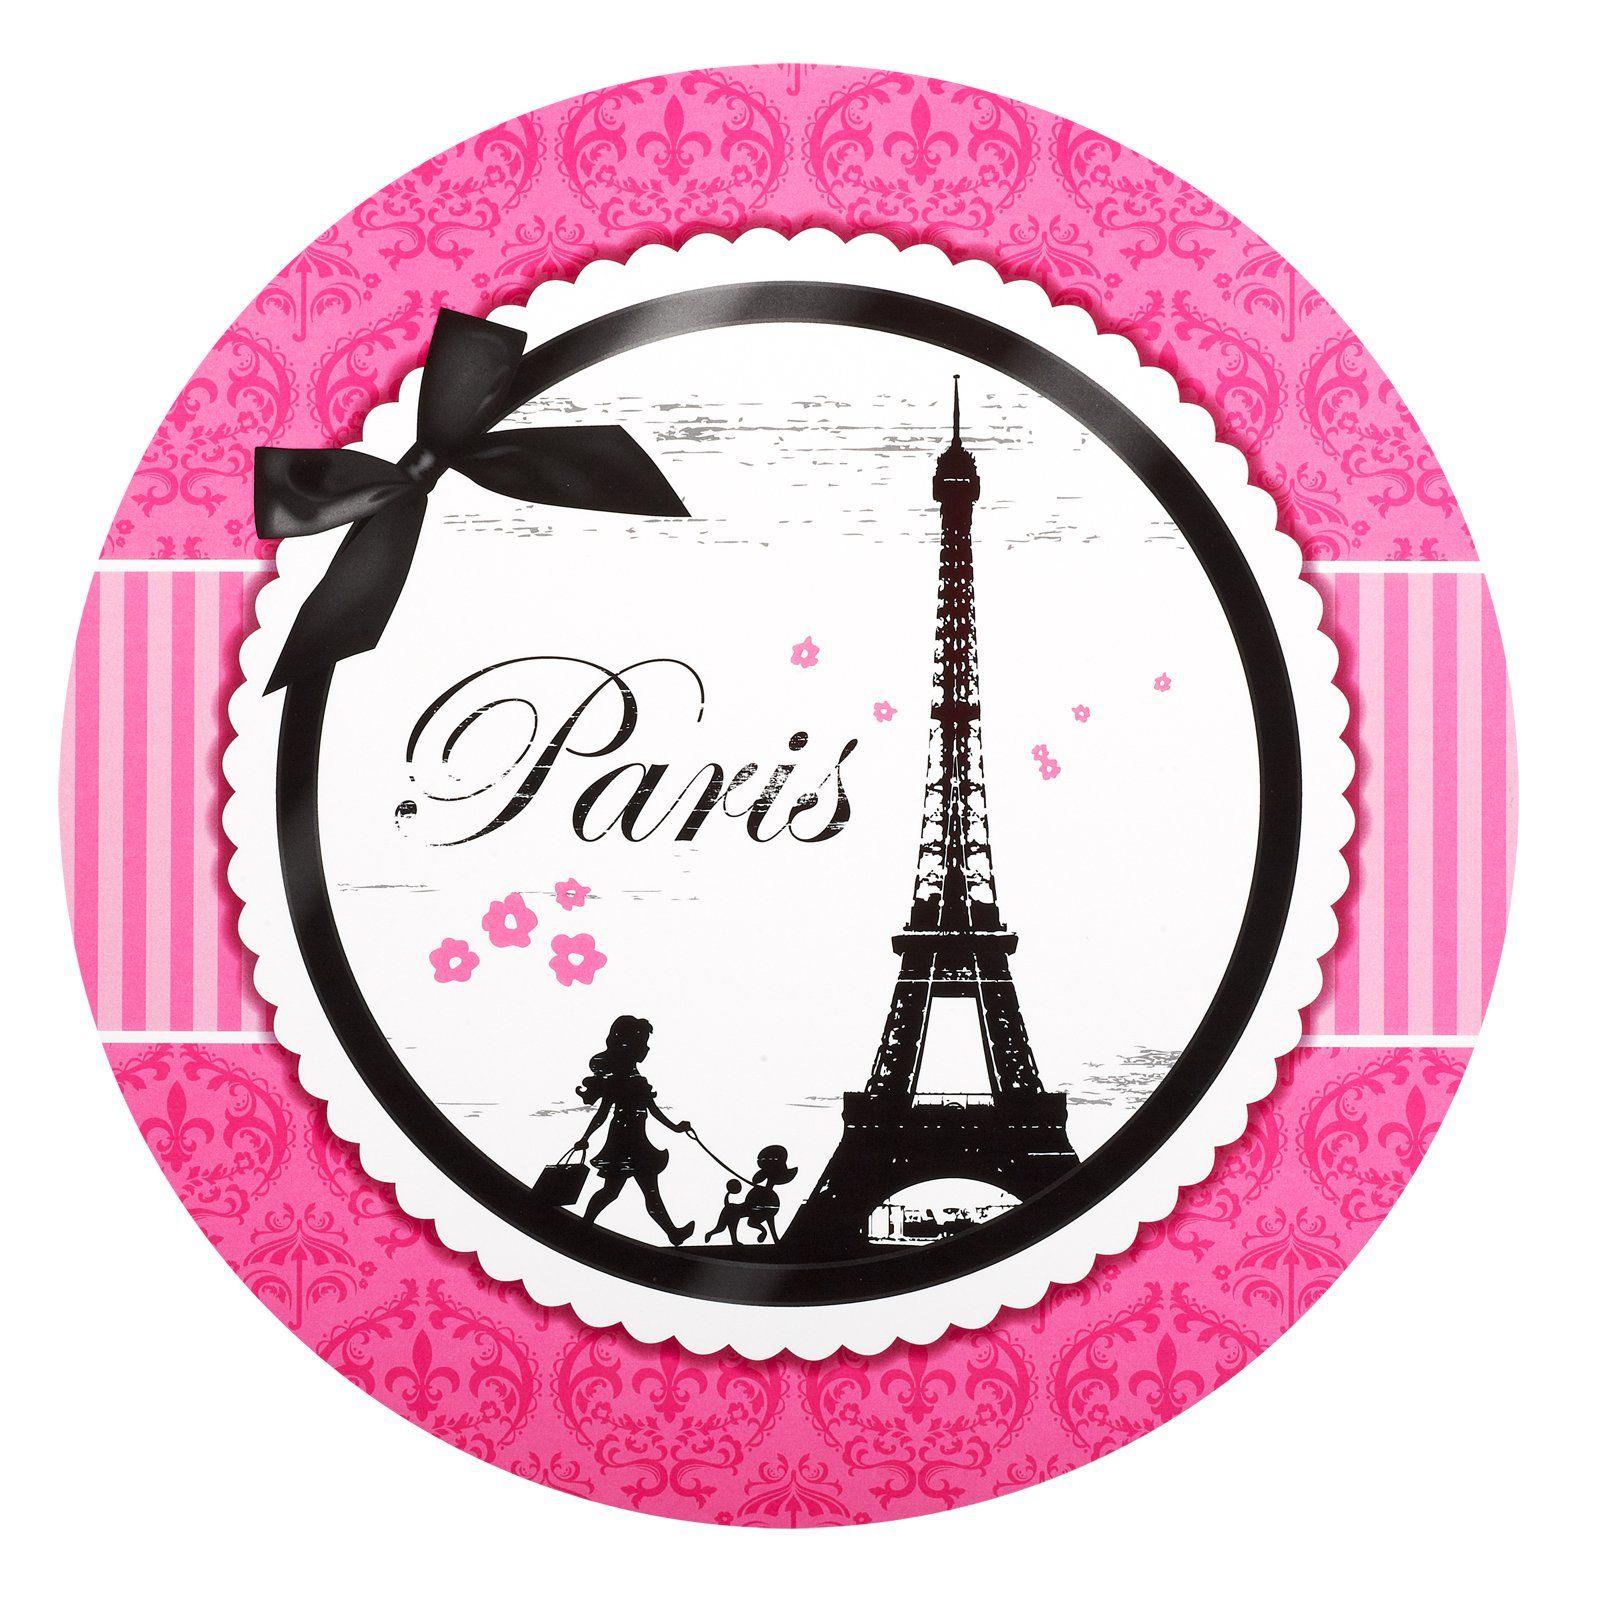 paris damask round activity placemats 86299 paris theme party parisian party paris poodle. Black Bedroom Furniture Sets. Home Design Ideas